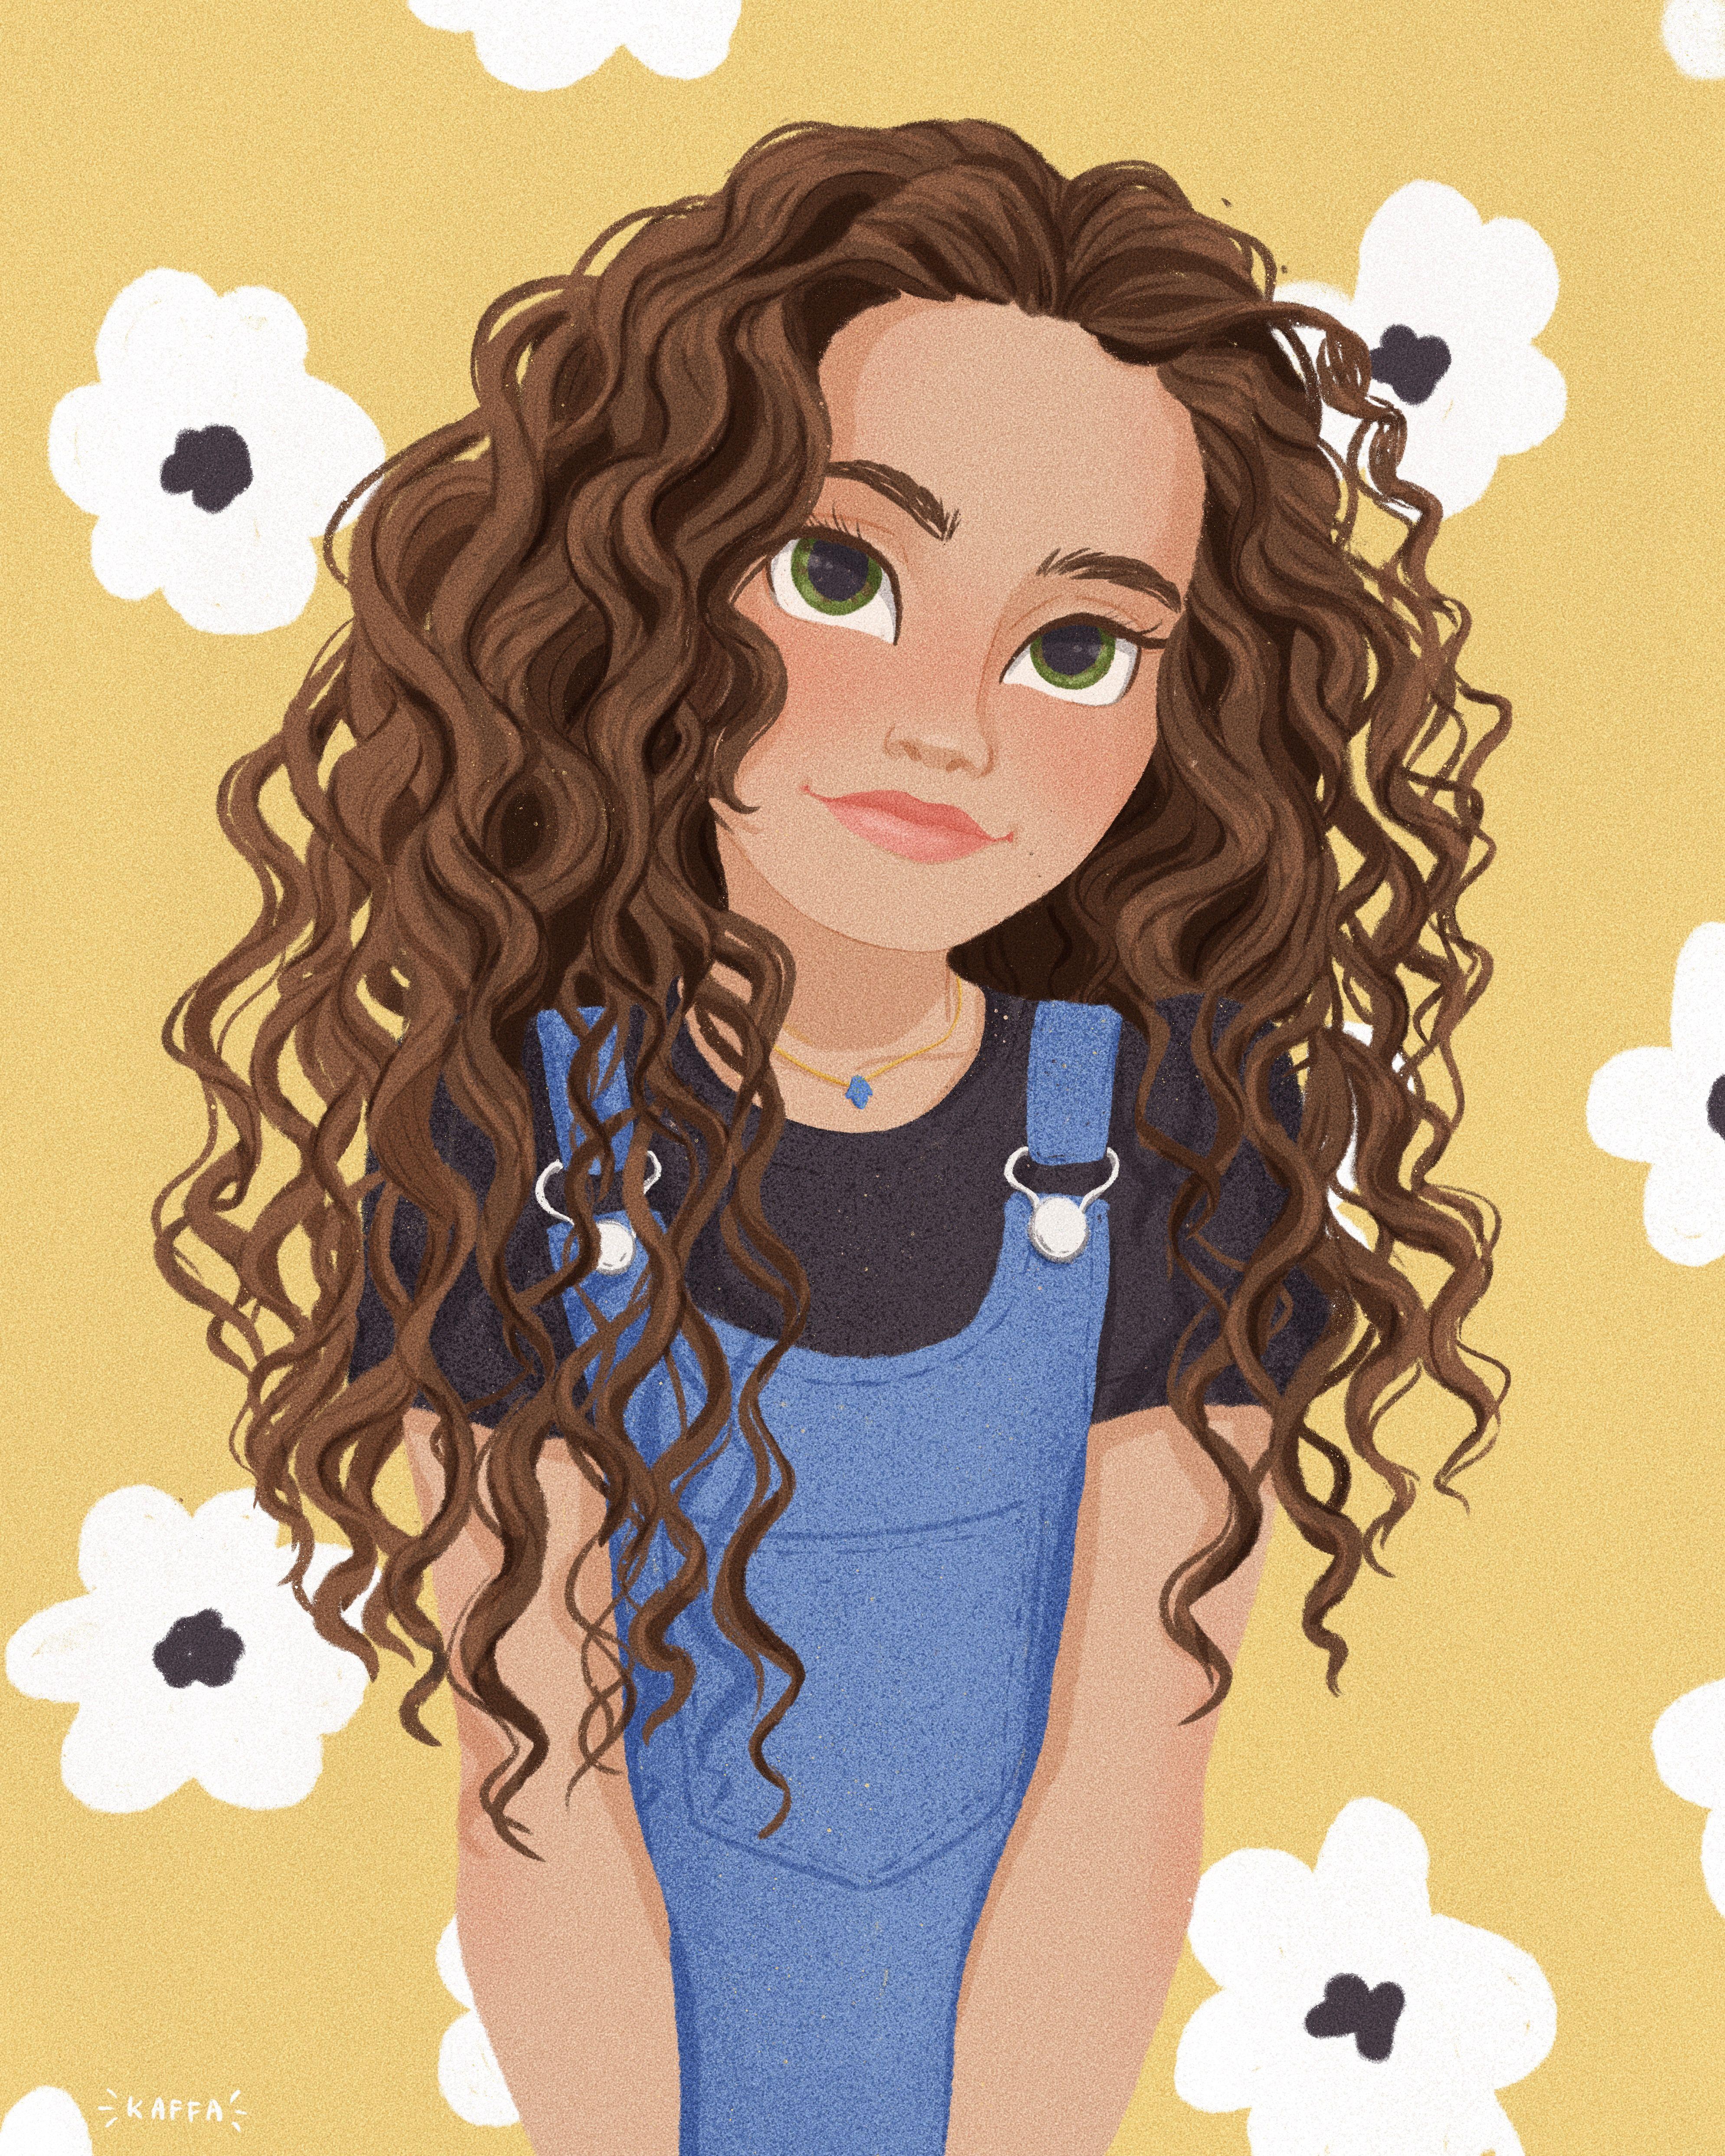 Flower Girl In 2020 Curly Hair Cartoon Anime Curly Hair Girl Cartoon Characters